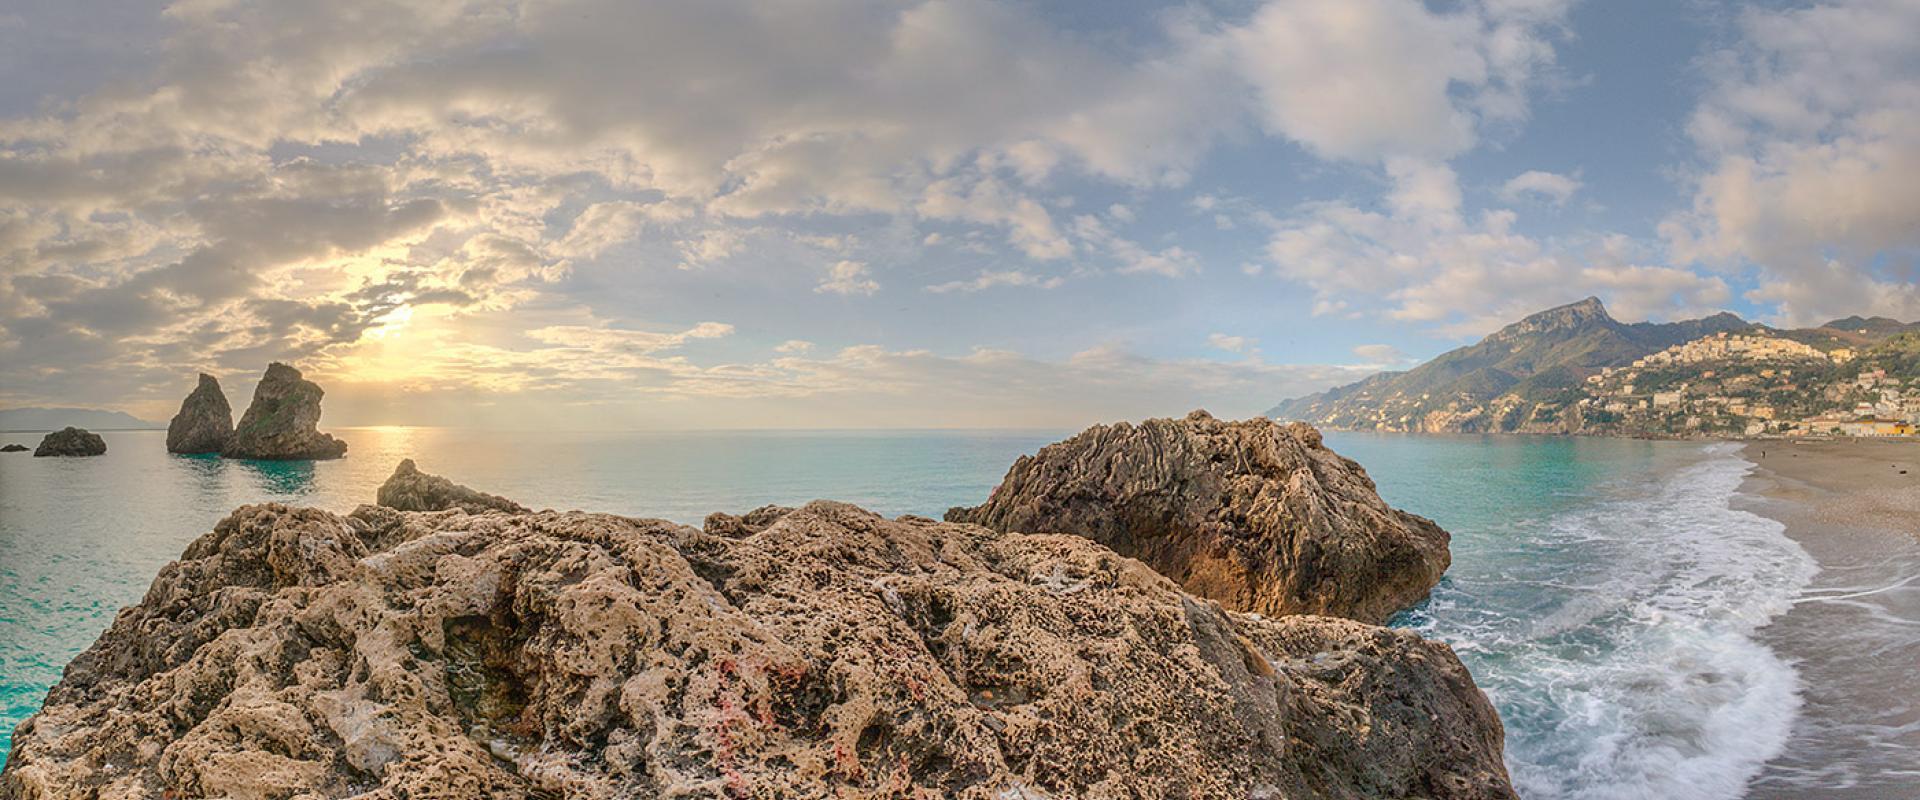 Tour Amalfi and Cilento Coast